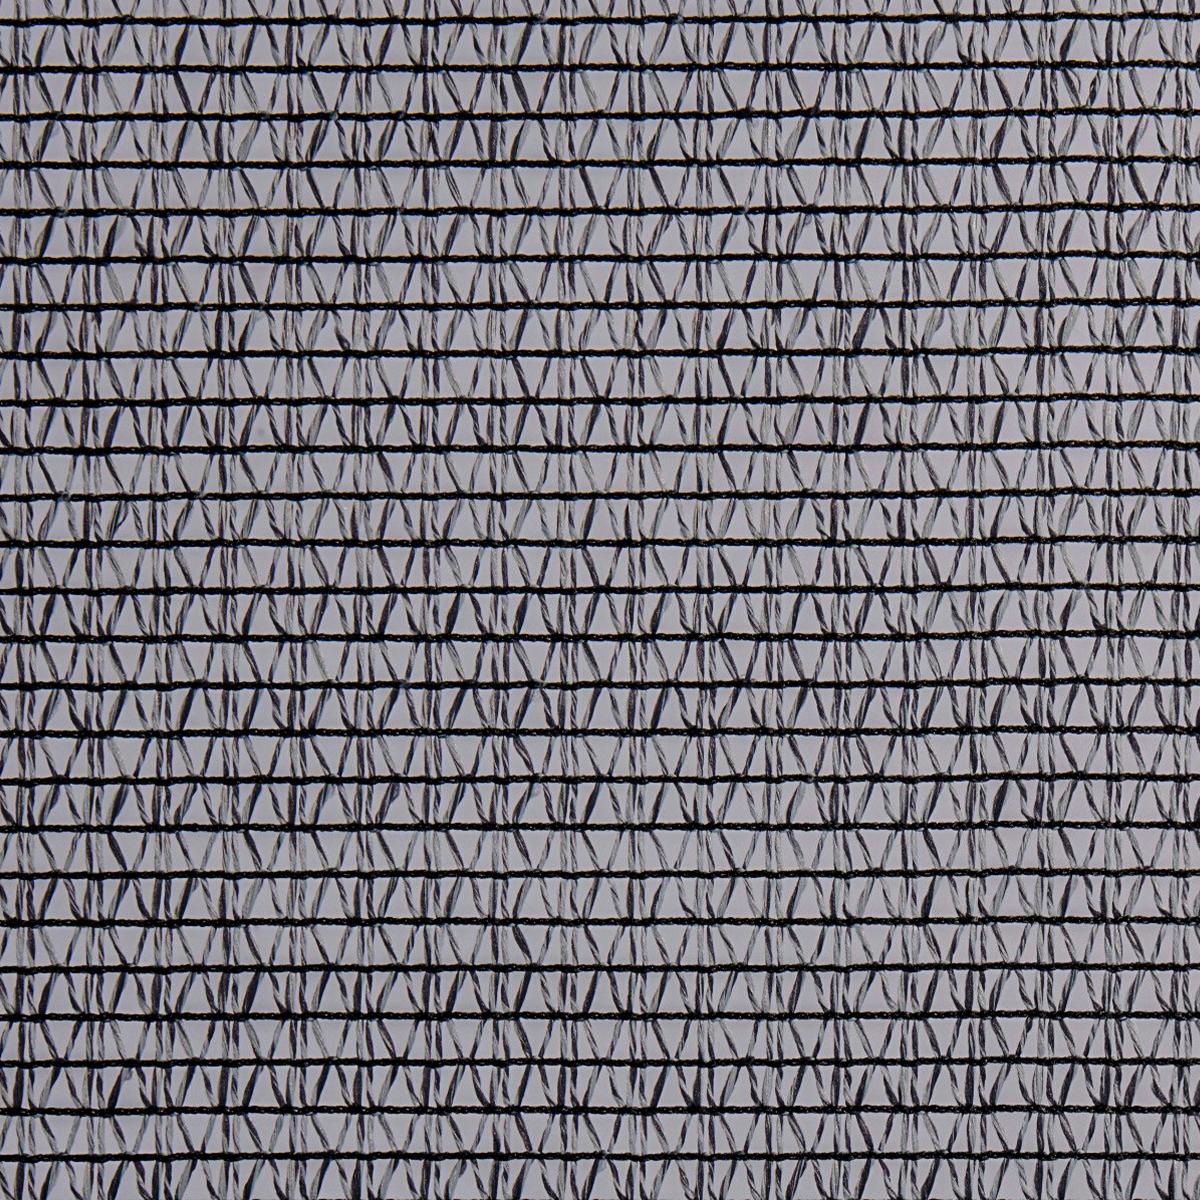 Möbel TAUSCH - einrichten - Vorhang BENU NET